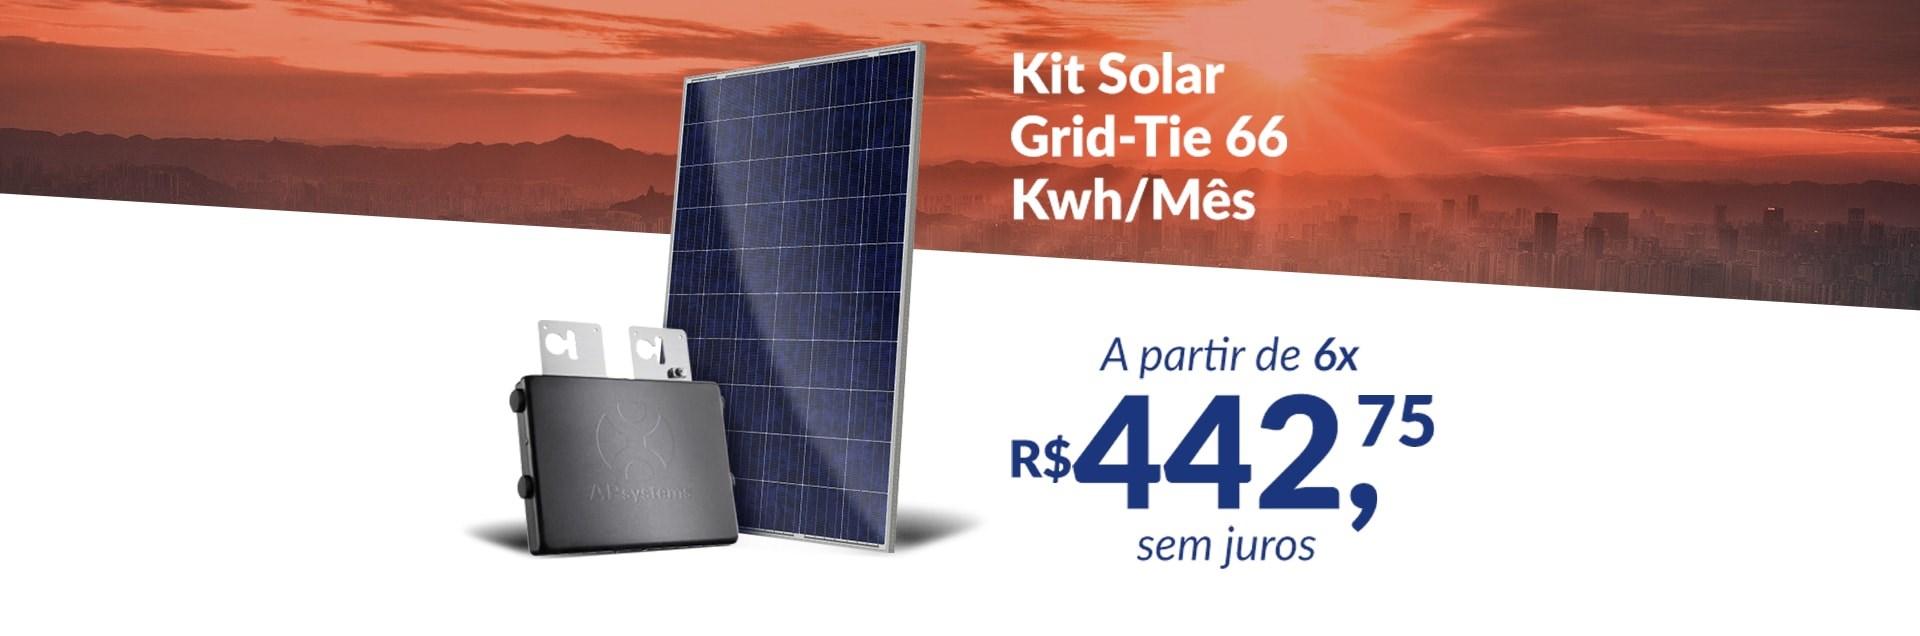 Banner Kit Solar Grid-Tie 66 Kwh/Mês para Conexão à Rede Elétrica